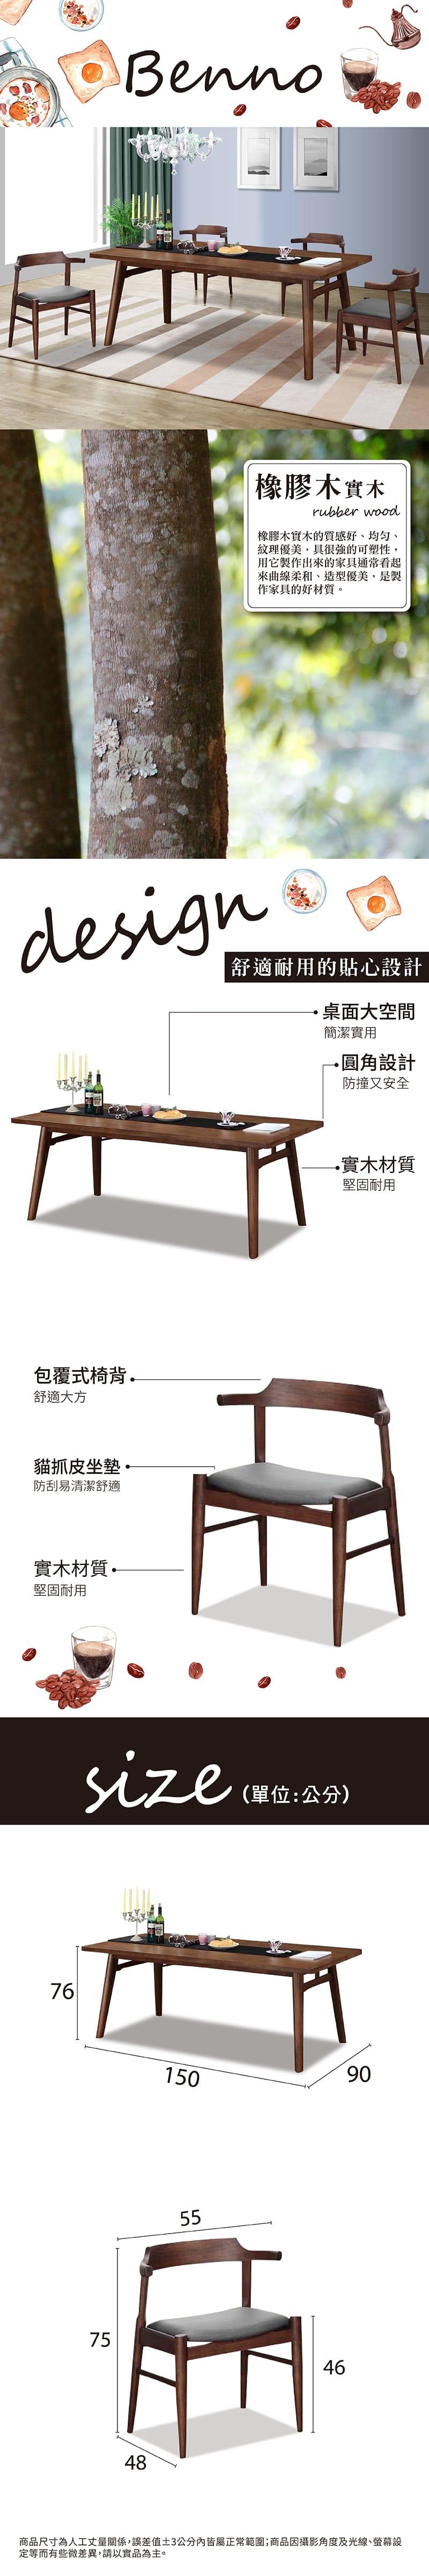 班諾 實木餐桌椅 寬150cm(一桌四椅)